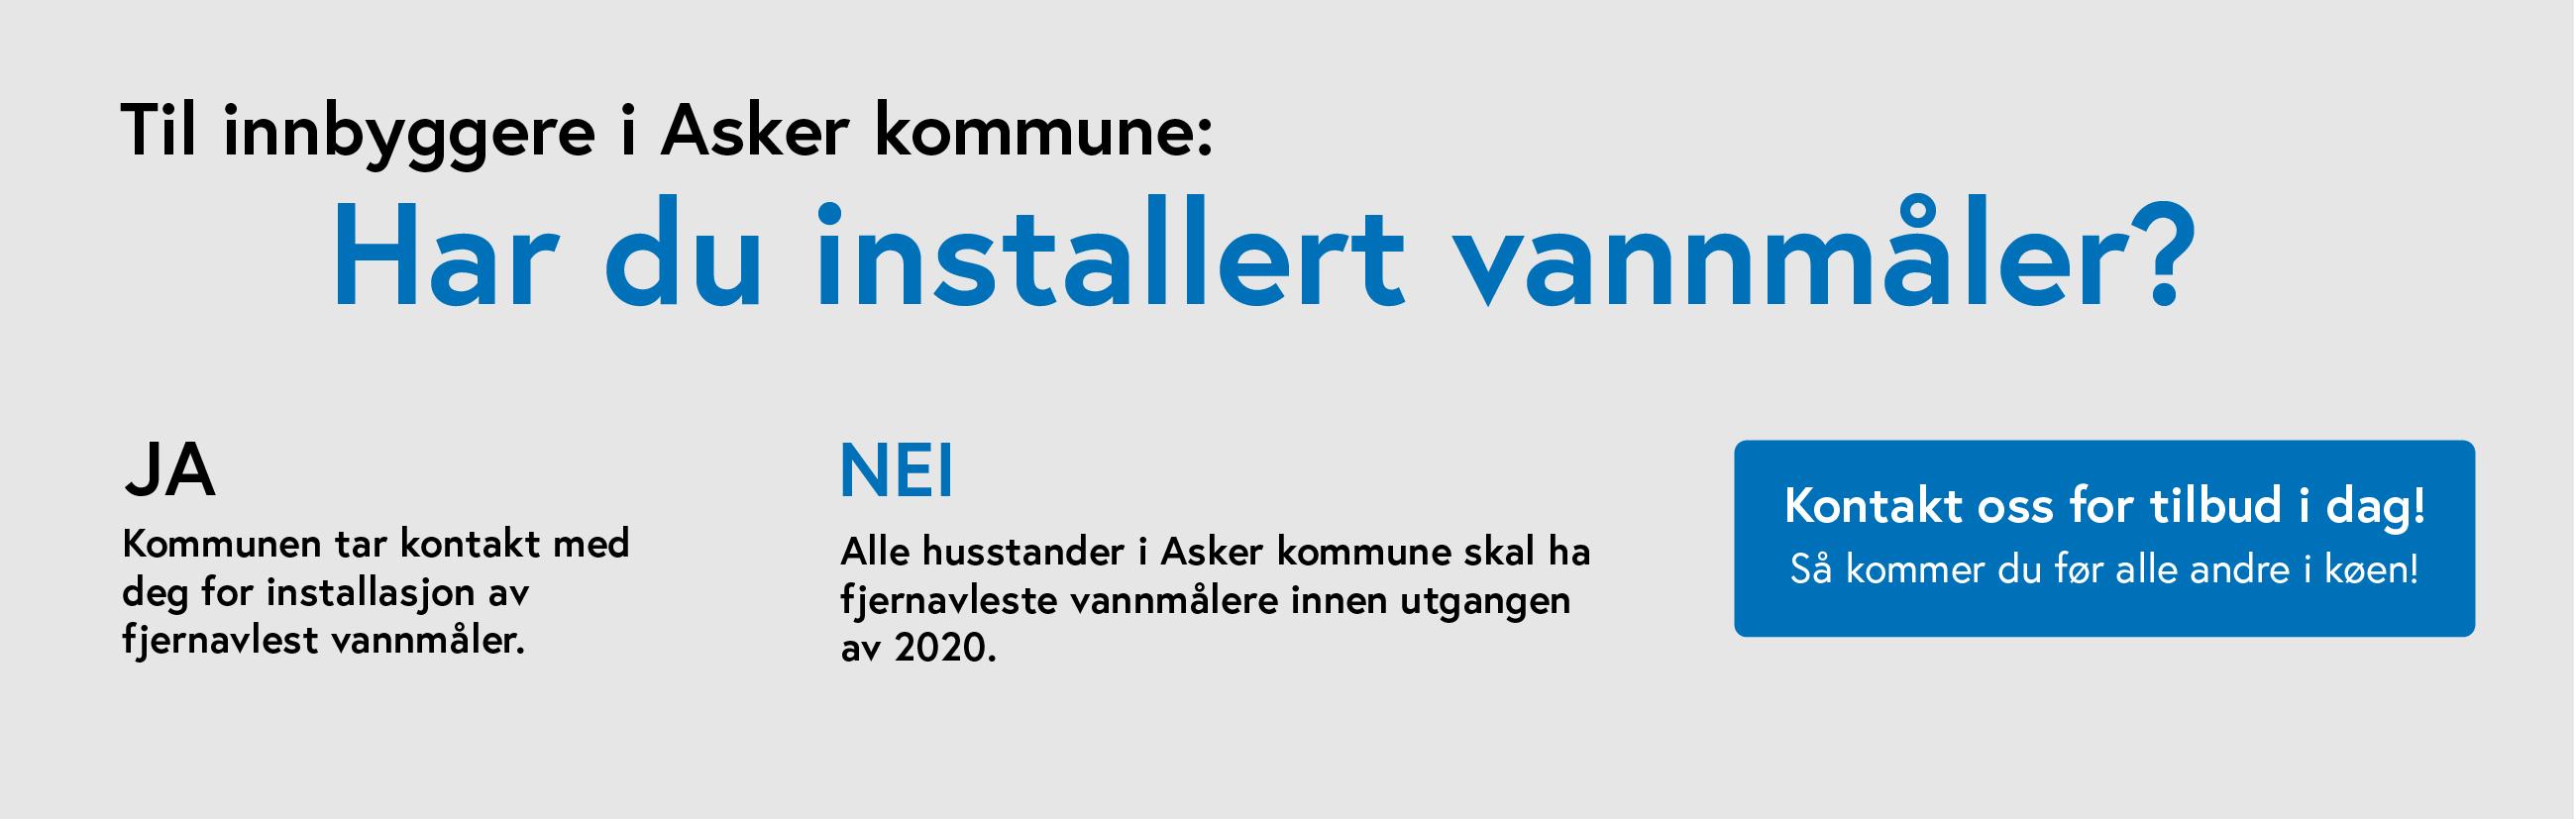 Vannmåler i Asker Kommune